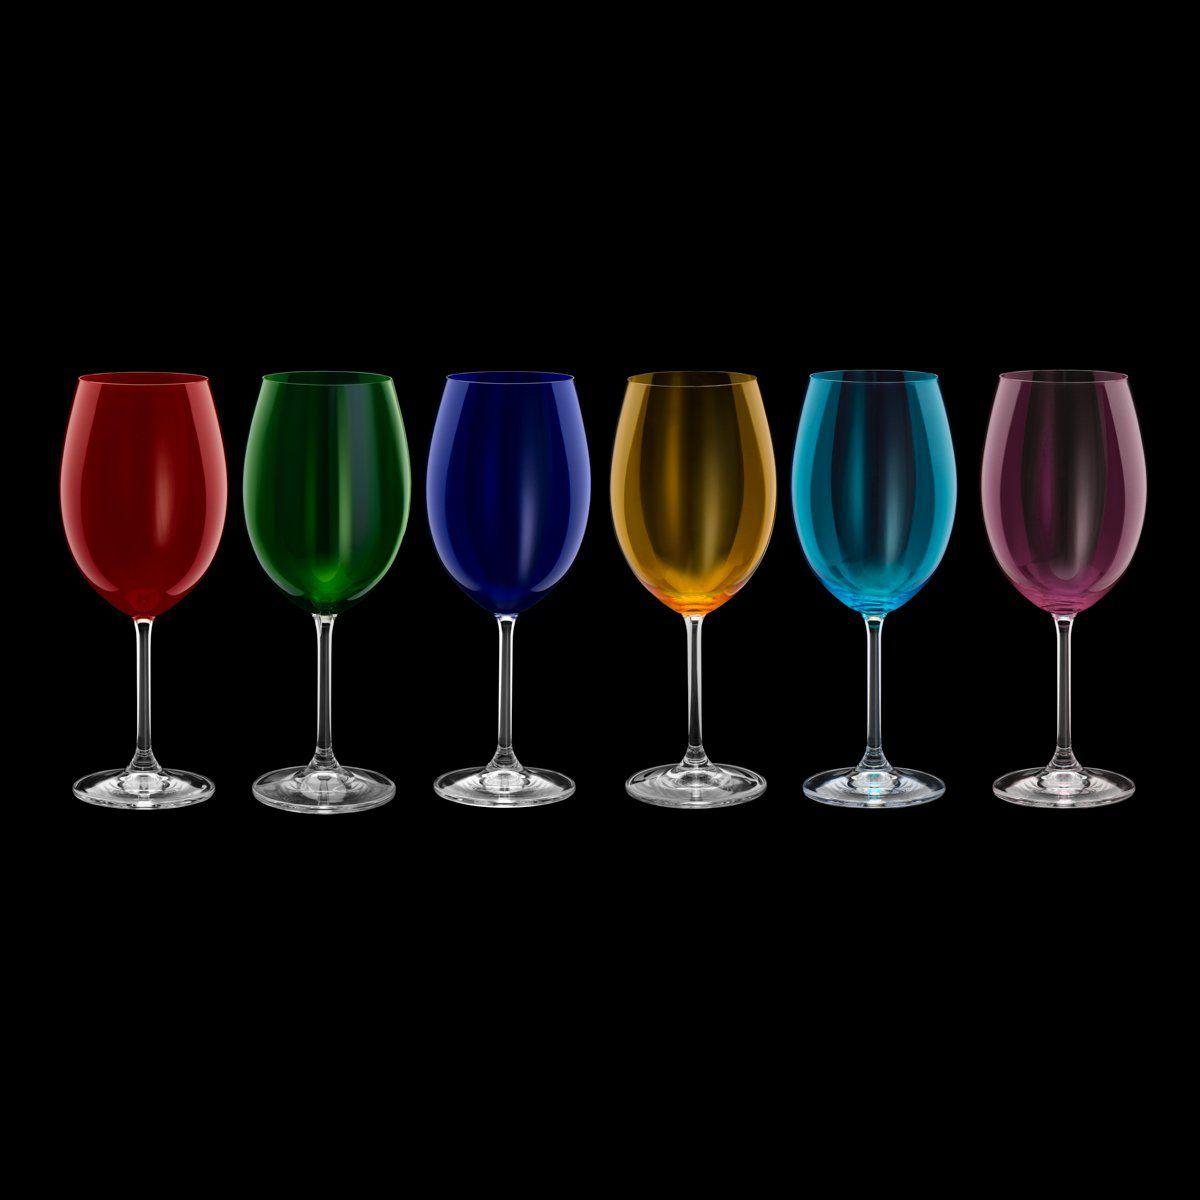 Jogo 6 taças 580ml para água de cristal ecológico coloridos Gastro/Colibri Bohemia - 35048